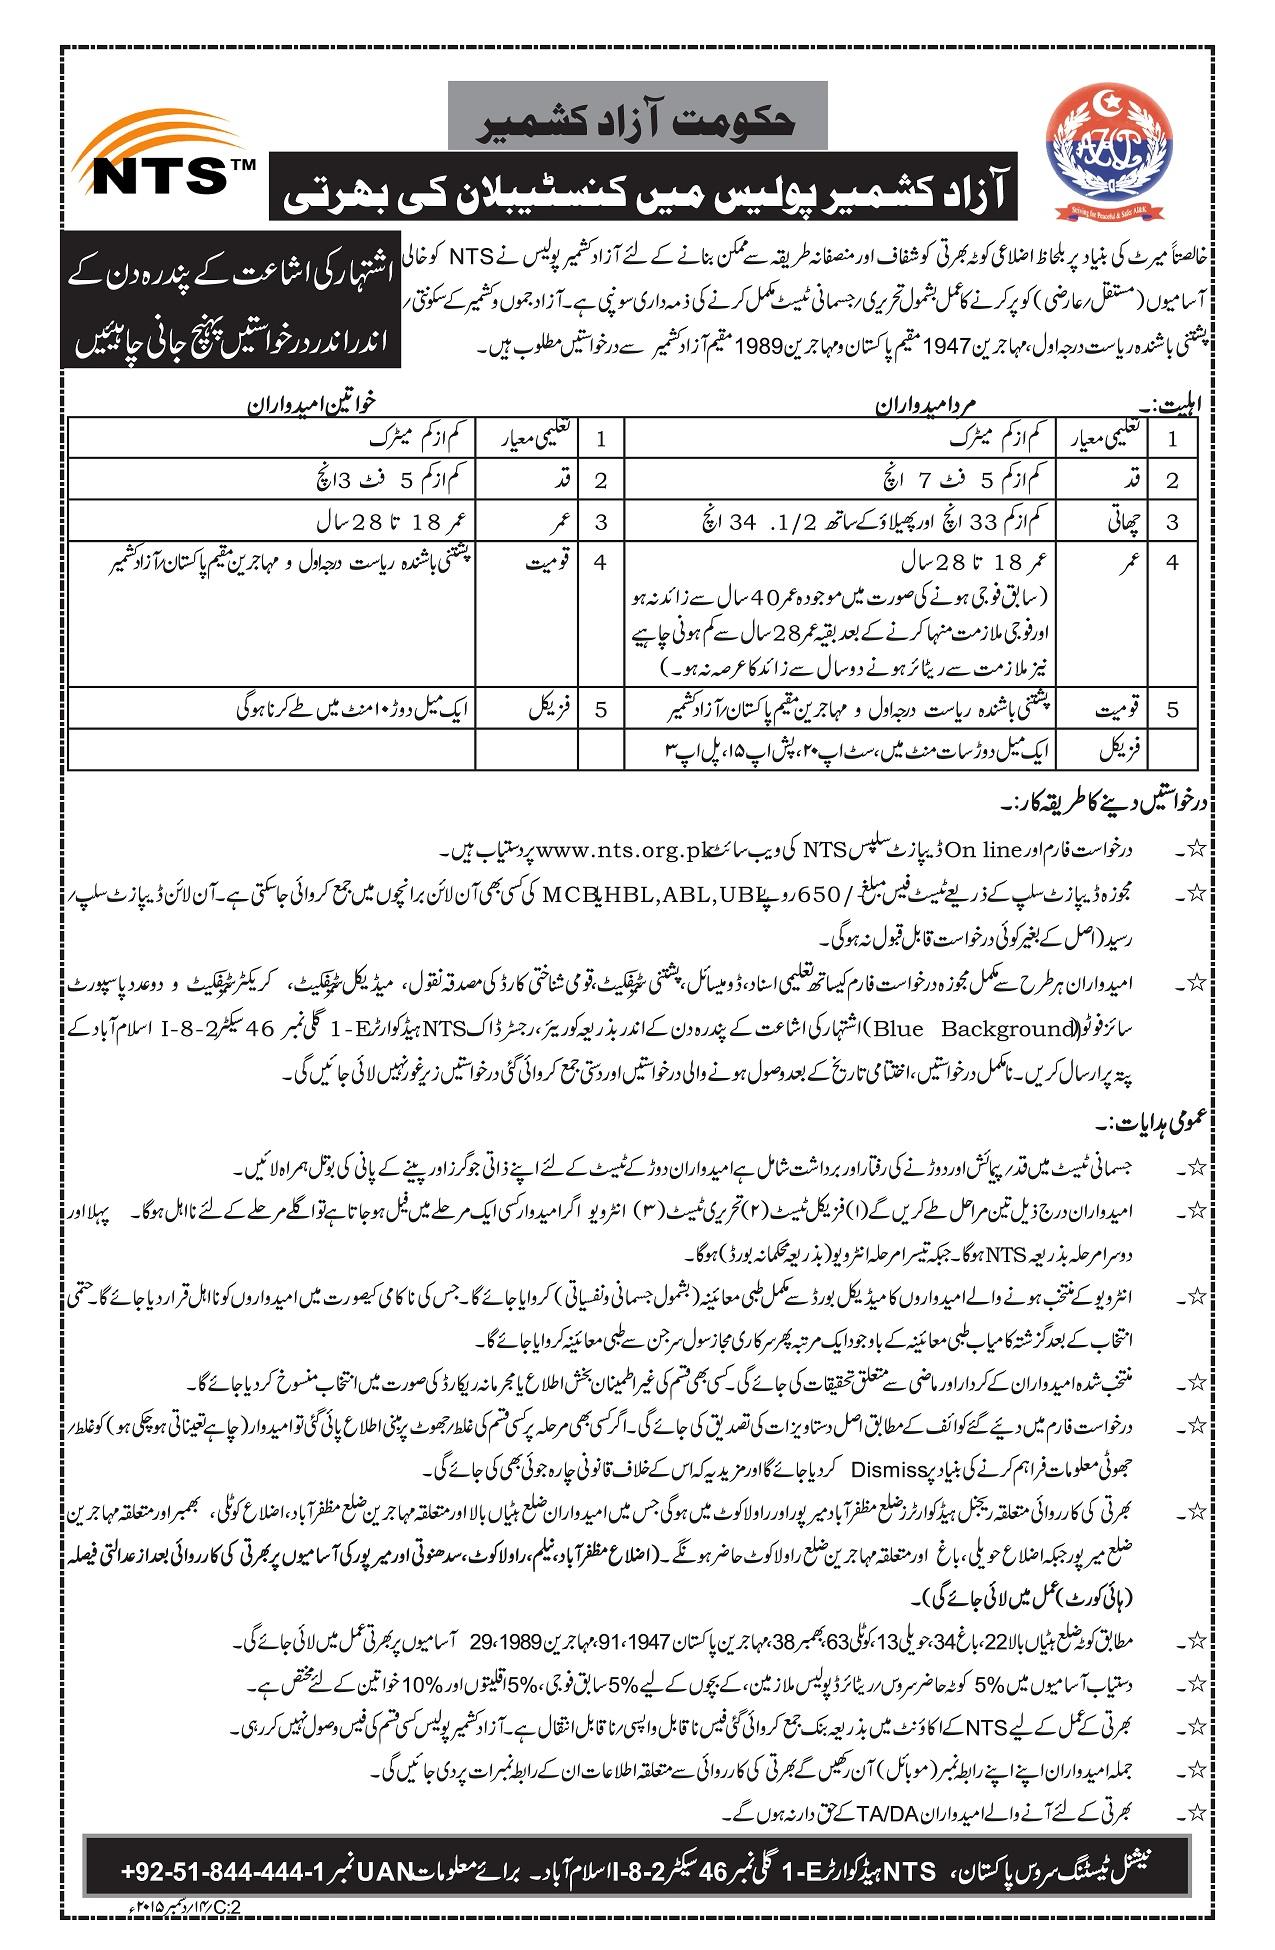 AJK Azad Kashmir Police Constable Jobs 2016 NTS Form, Advertisement